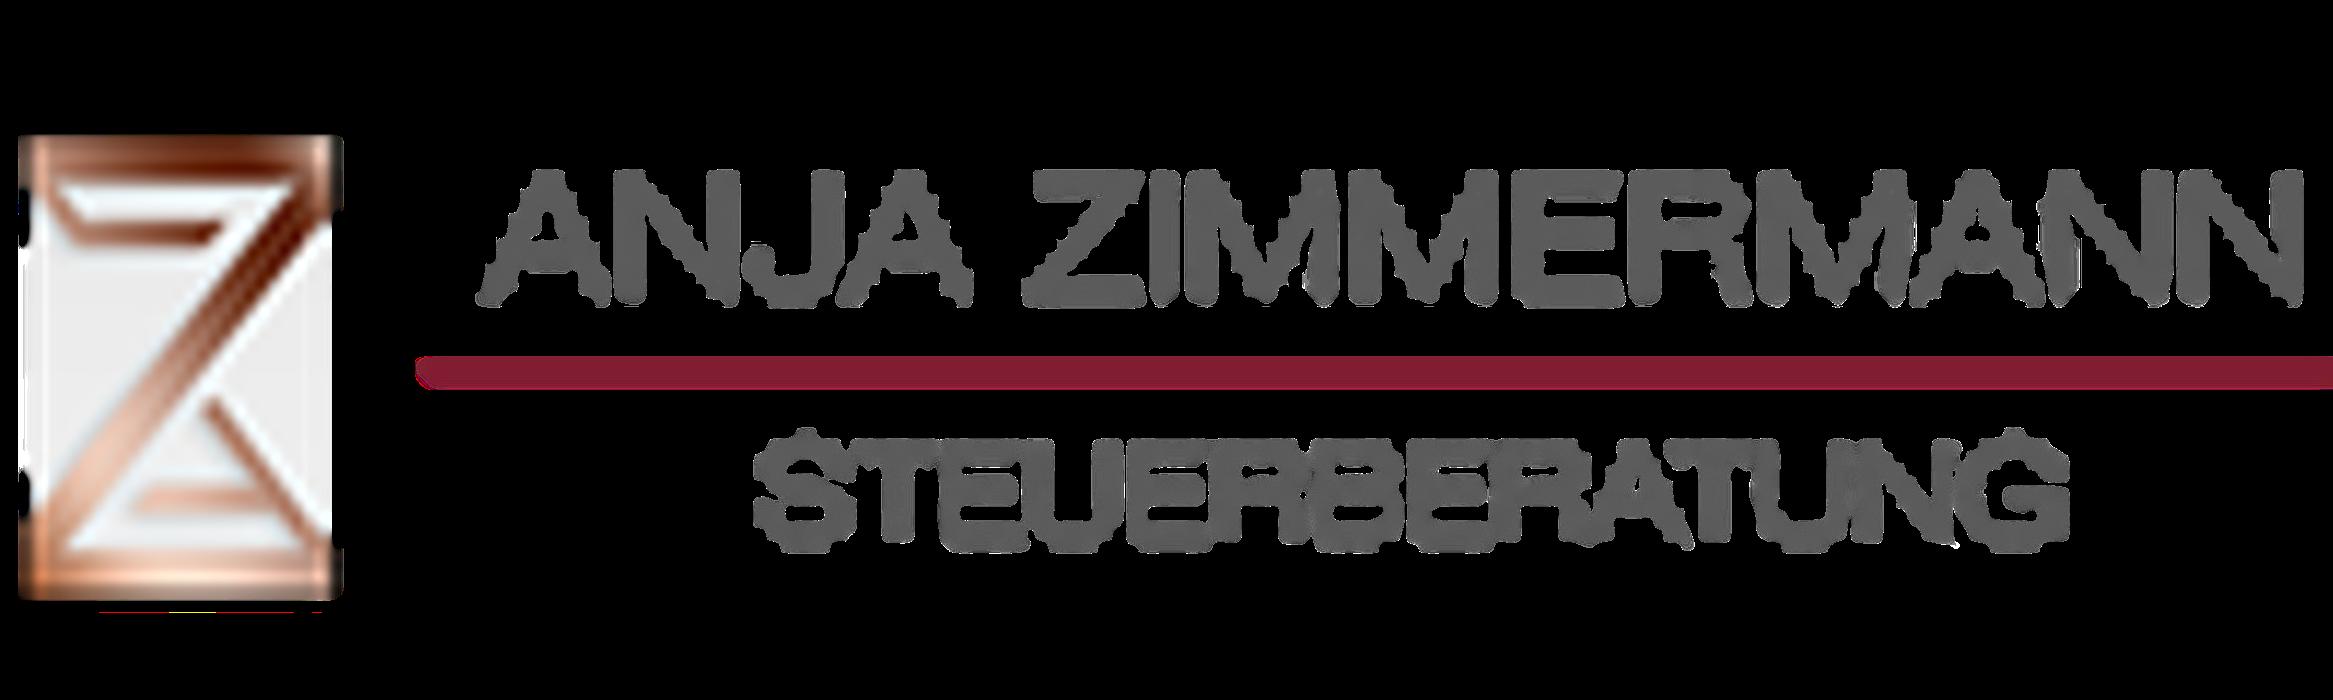 Bild zu Steuerberatung Anja Zimmermann in Kelkheim im Taunus